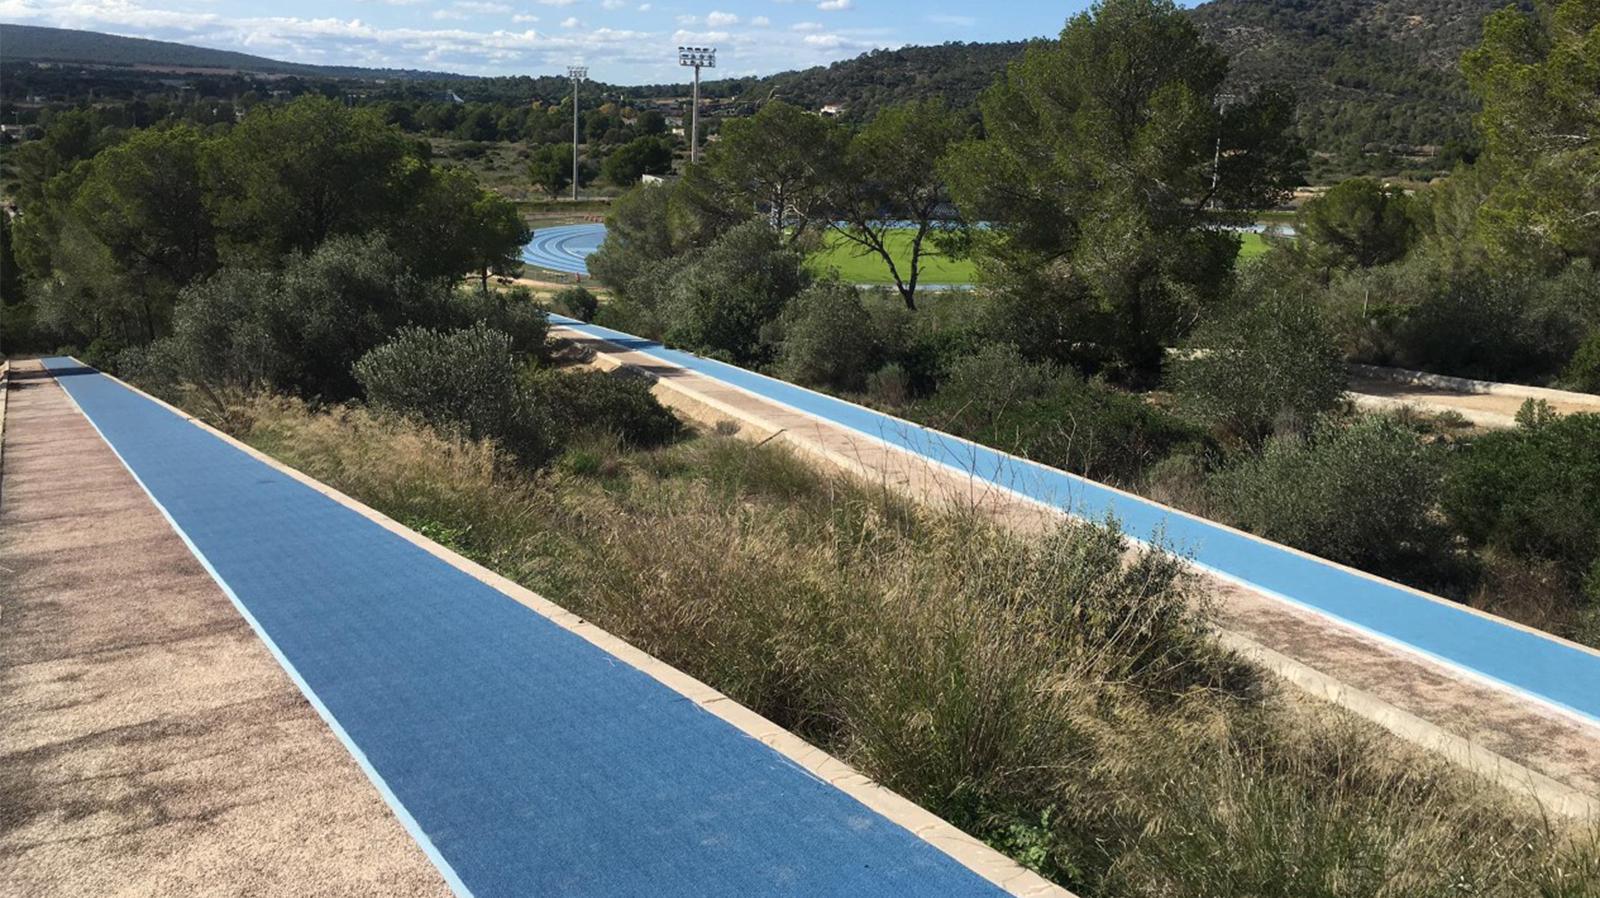 zona de cuestas en el circuito de cross, cross course athletics track magaluf , Entrena atletismo en Mallorca , Athletics track in Mallorca